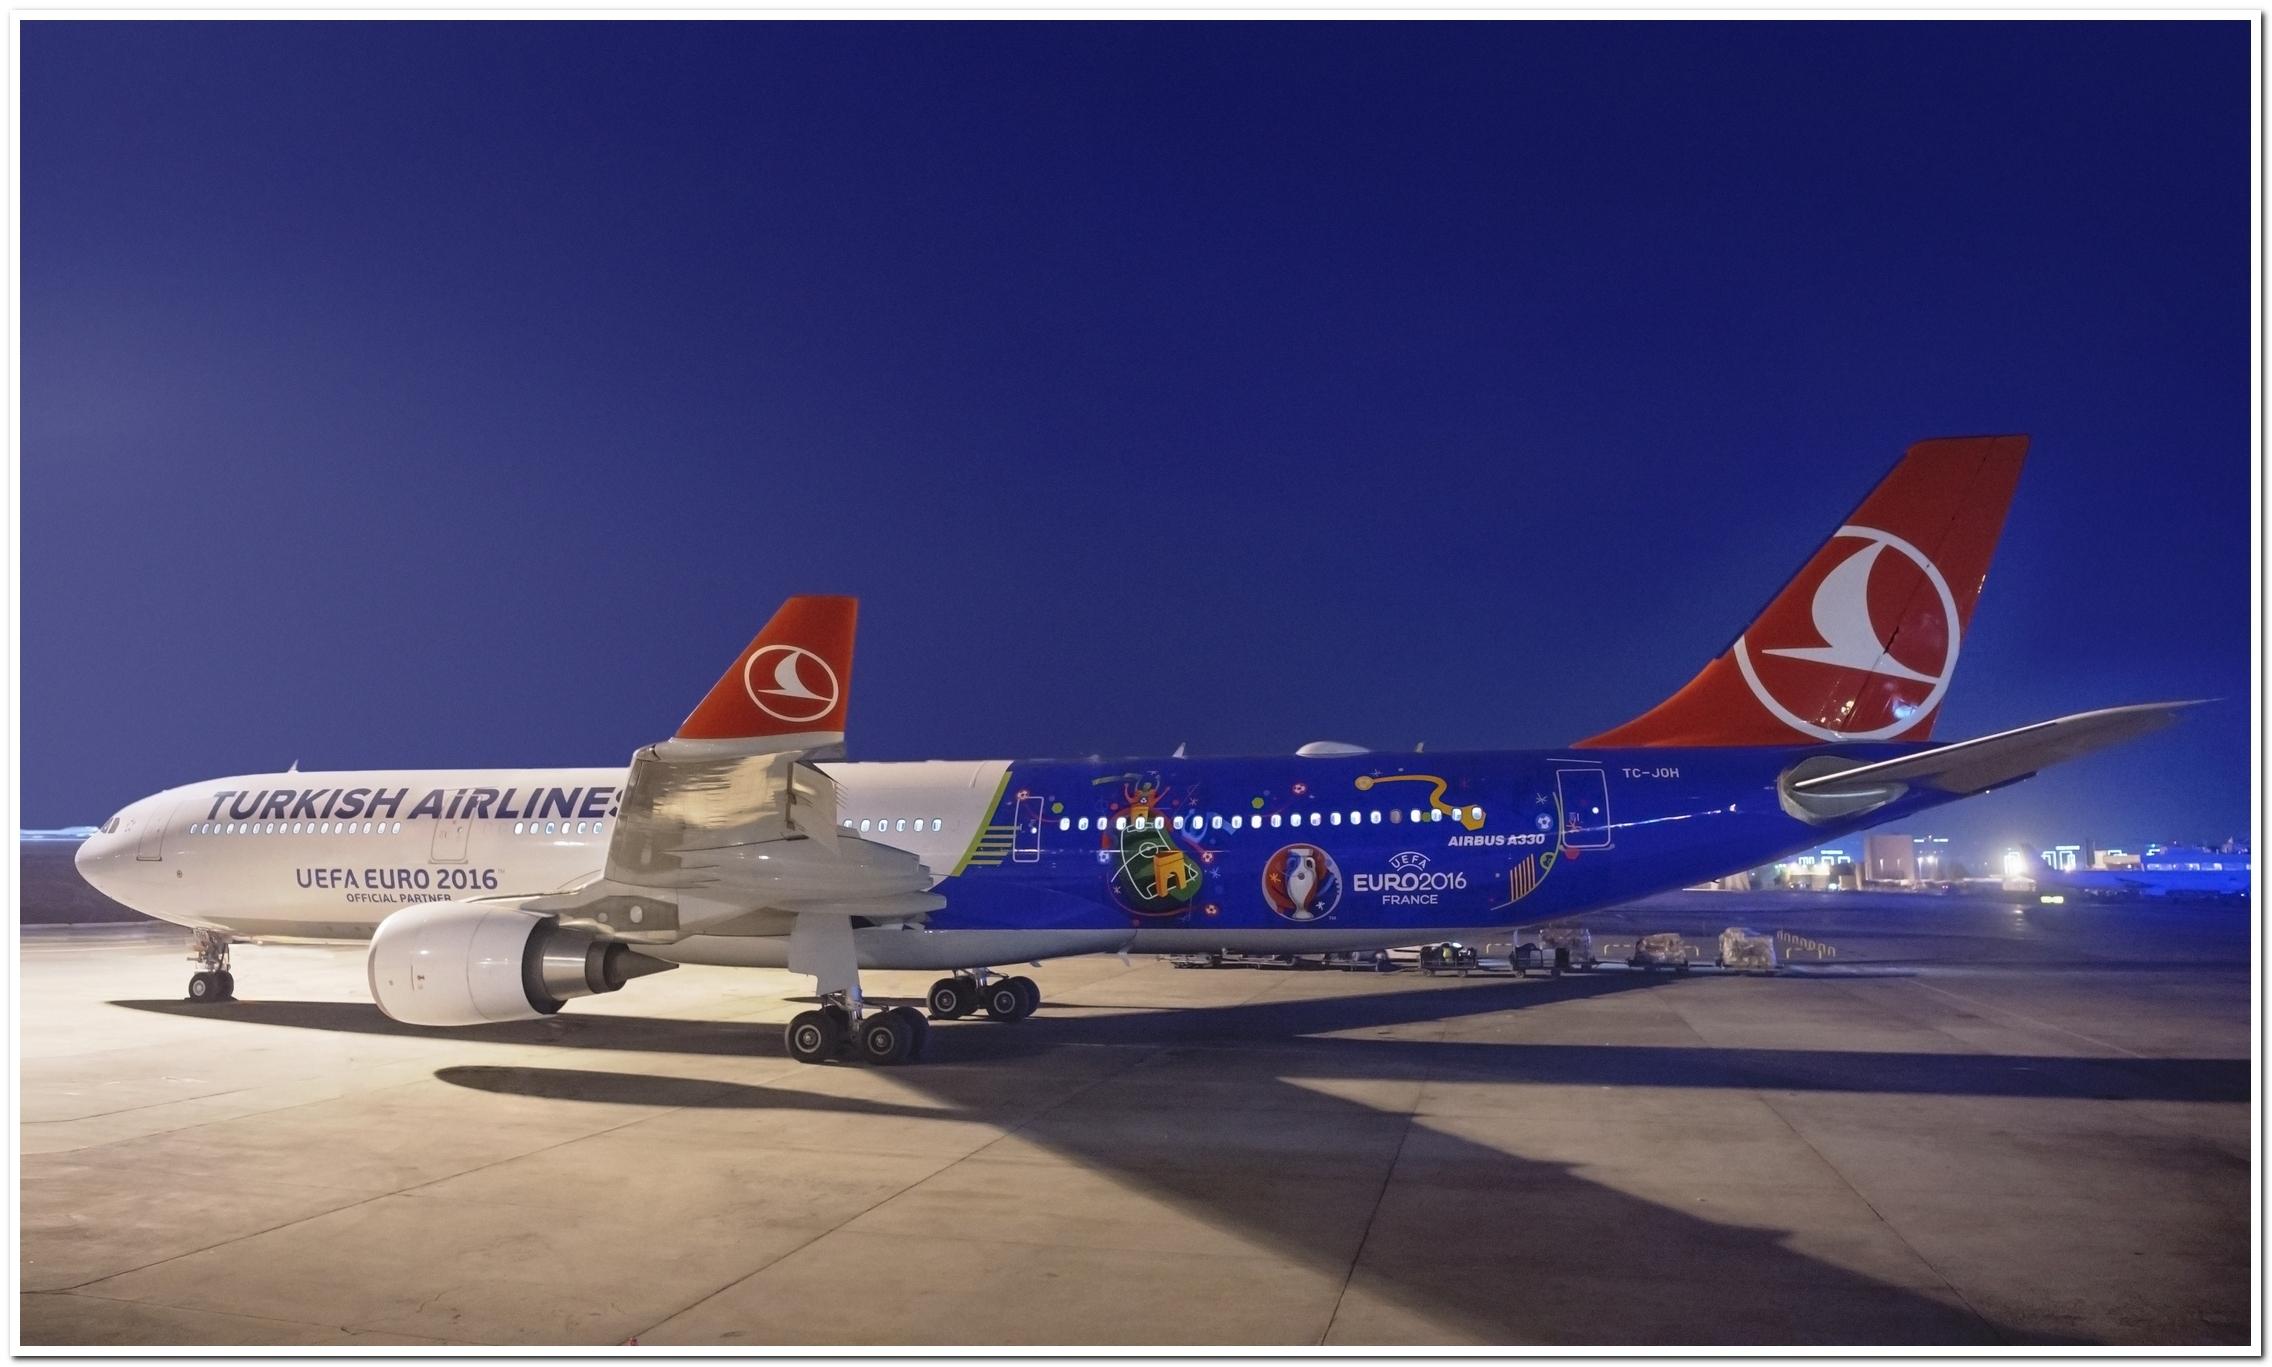 土耳其航空2016欧洲杯主题涂装客机首飞巴黎